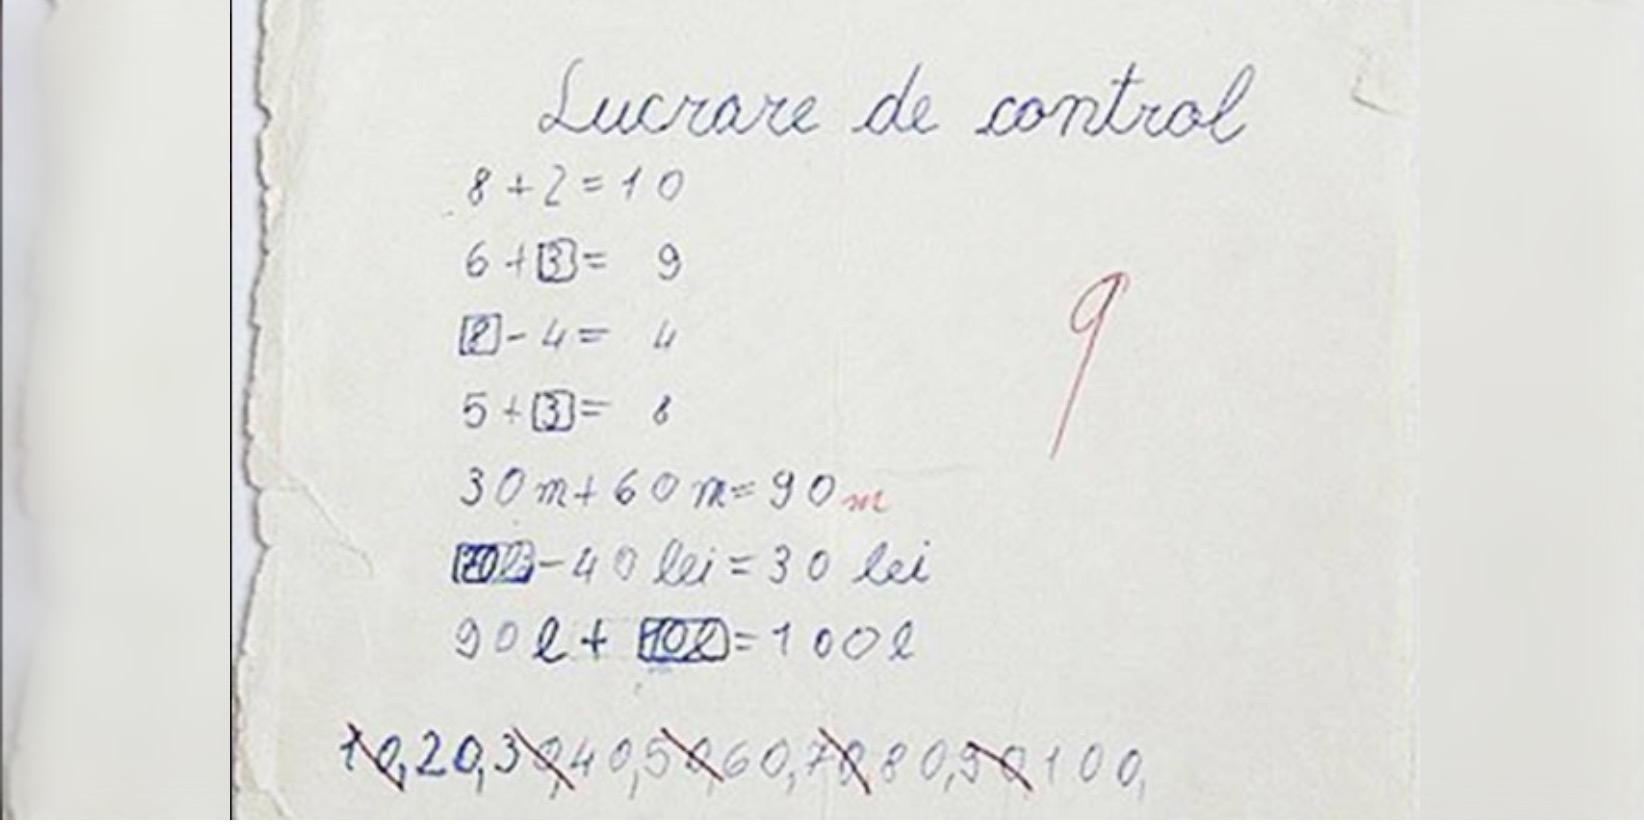 Fetița Care A Uimit Toți Profesorii Cu Răspunsul Ei. Cât Fac 9 X 9? Vezi Ce A Scris În Lucrarea De Control